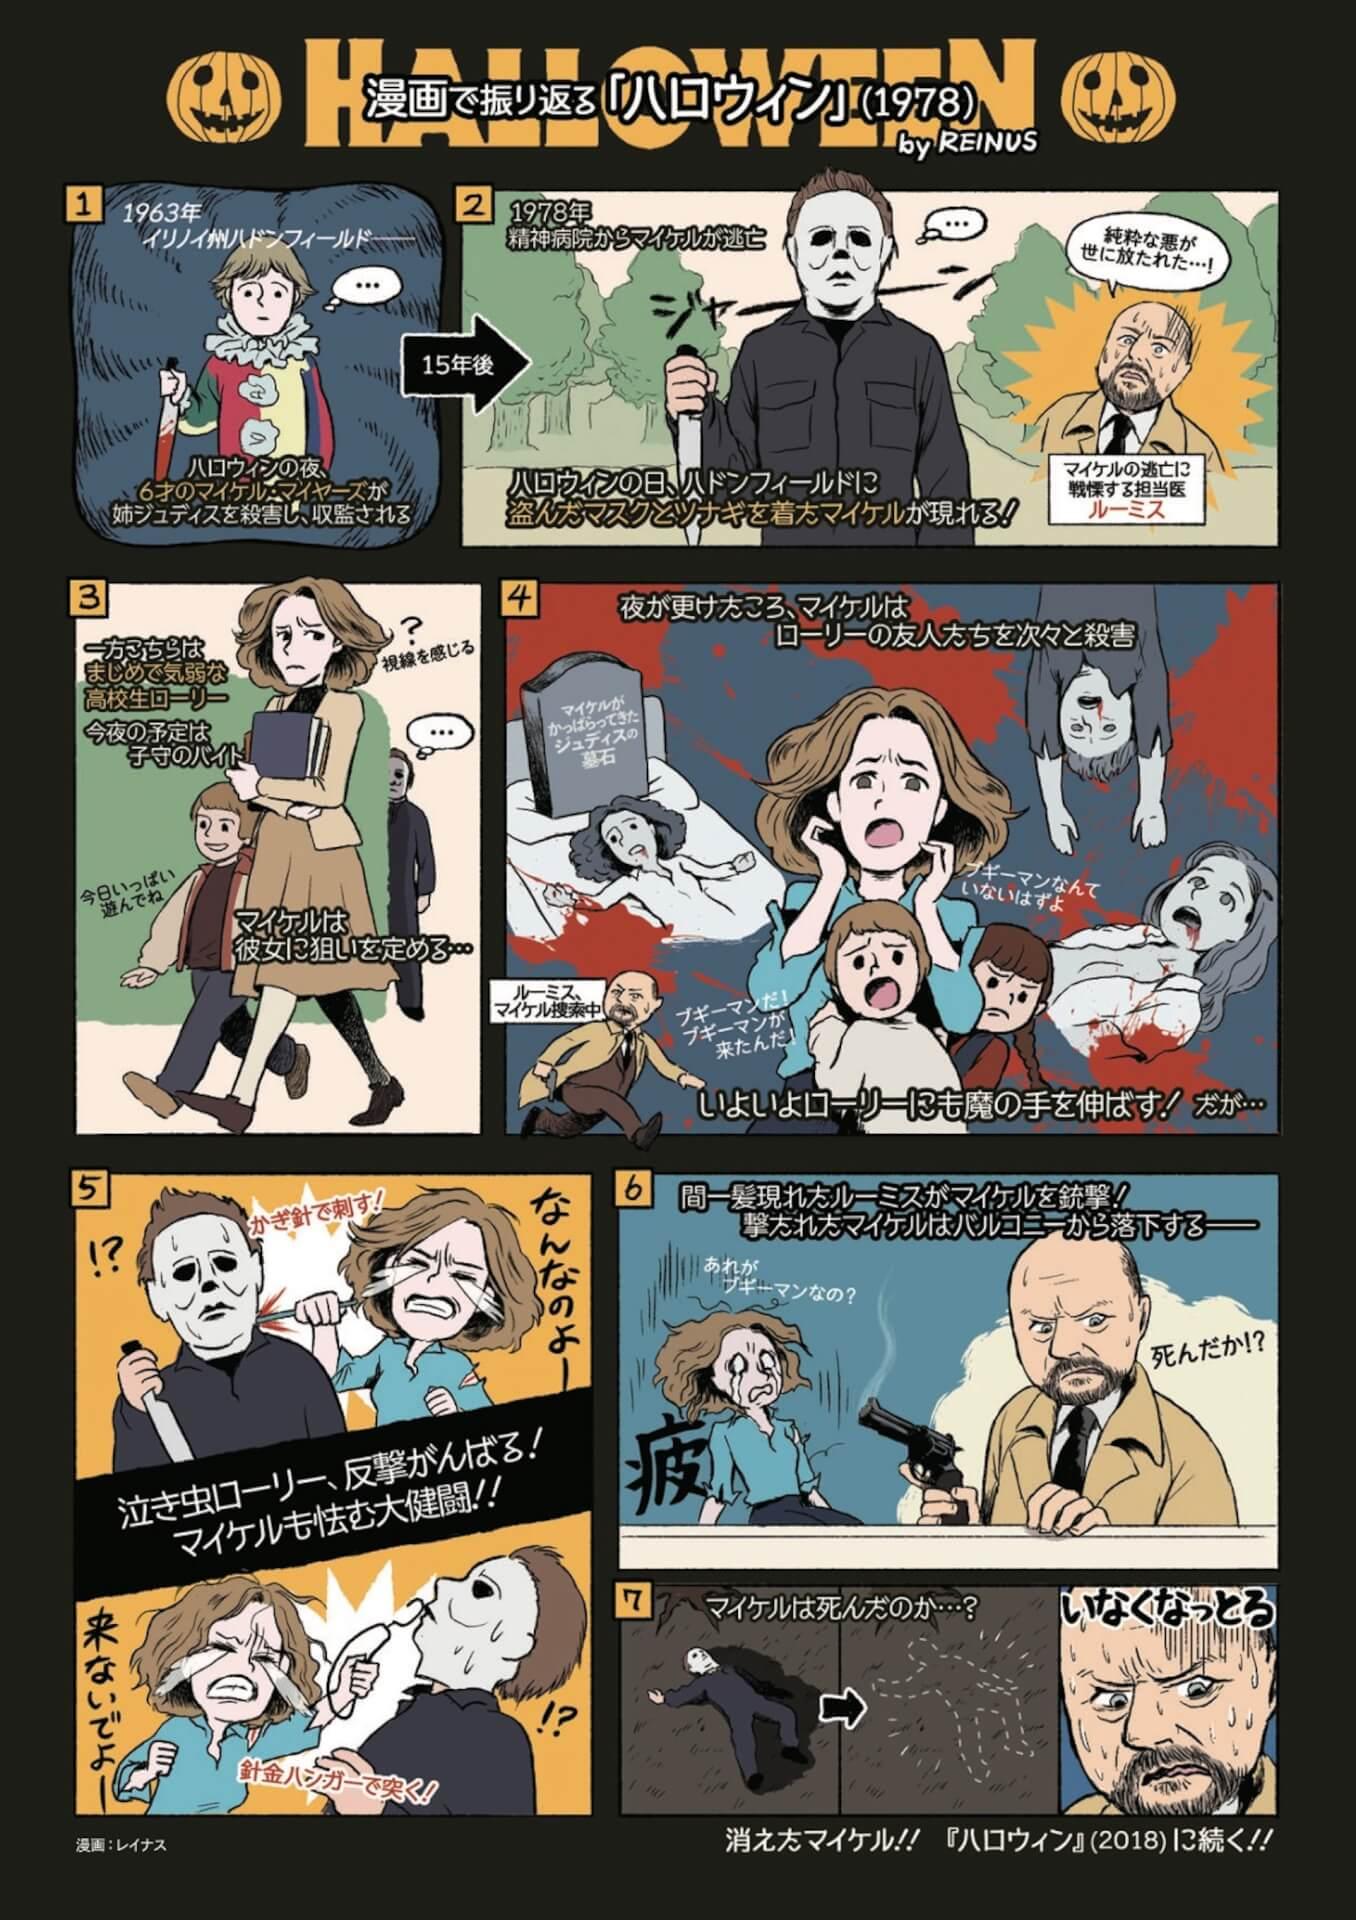 恐怖の『ハロウィン KILLS』公開を前にかわいい&わかりやすい漫画でこれまでをおさらい!レイナスによる漫画2種類が解禁 film210917_halloween_kills_1